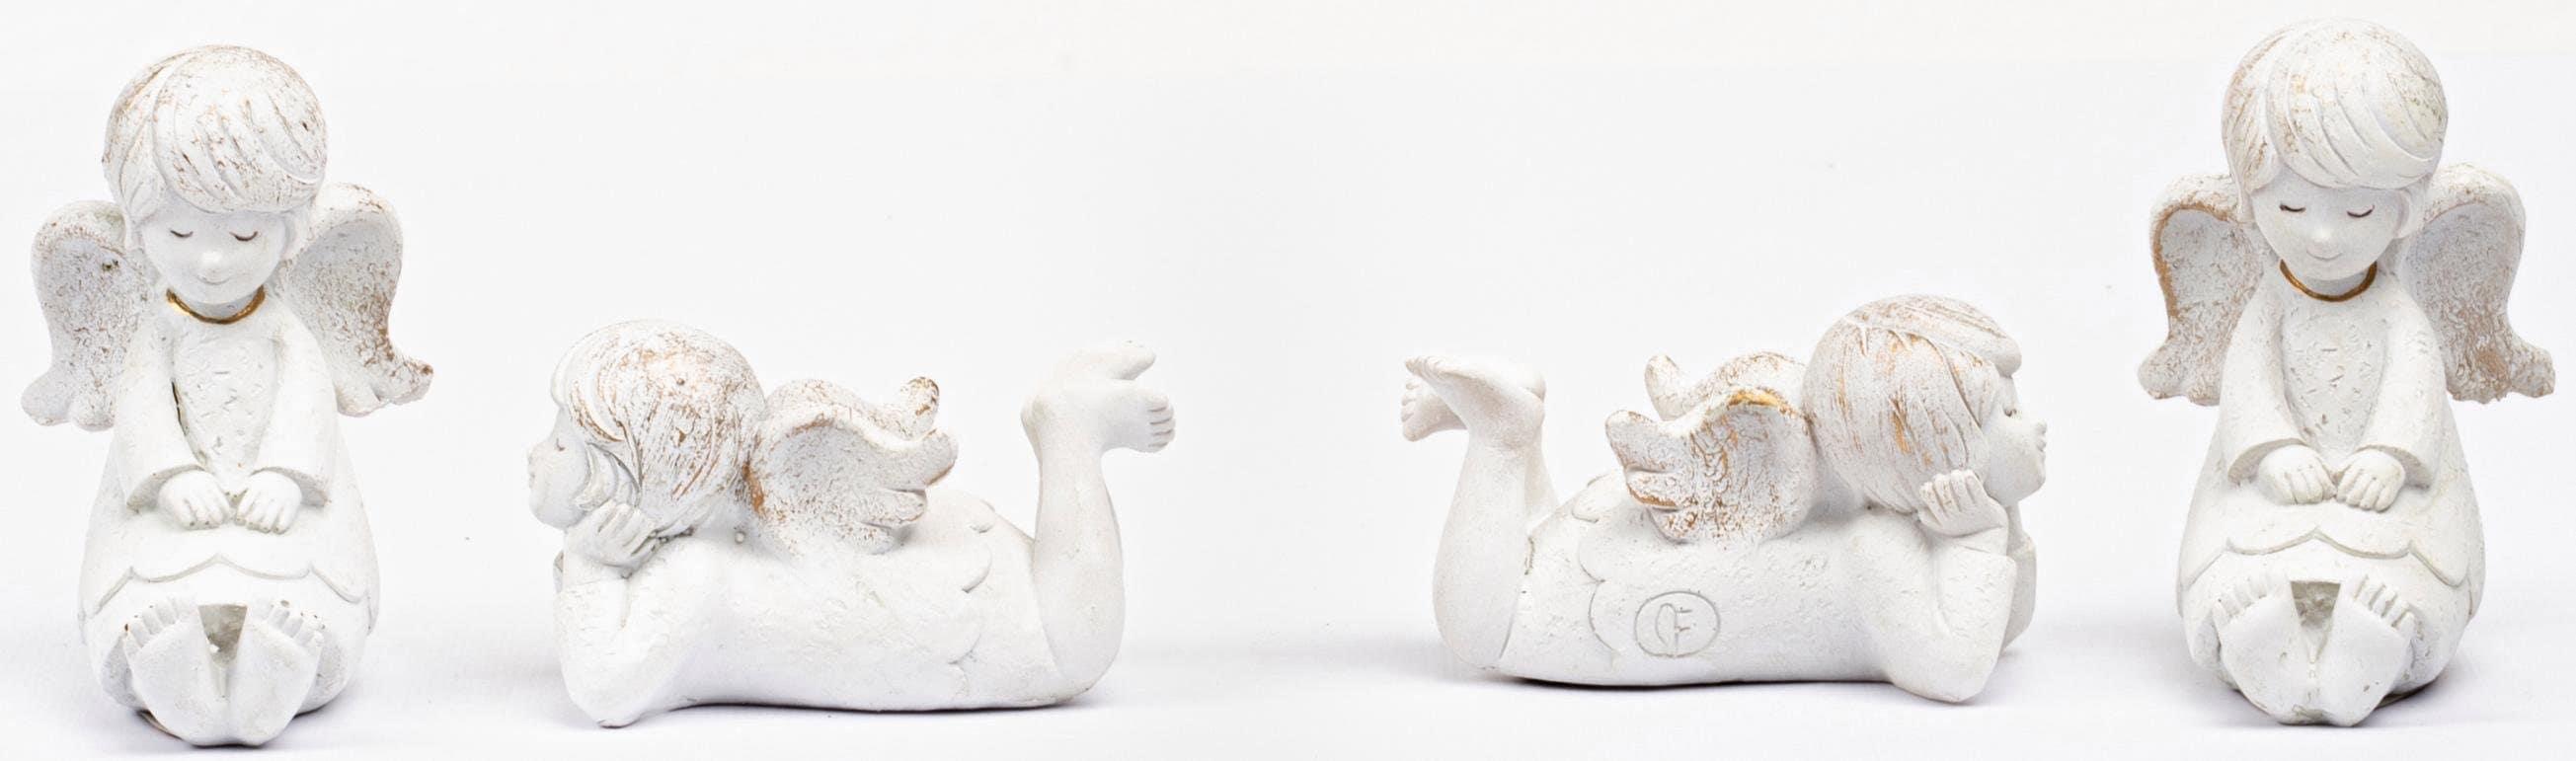 Fabriano Engelfigur Elisa weiß Engelfiguren Figuren Skulpturen Wohnaccessoires